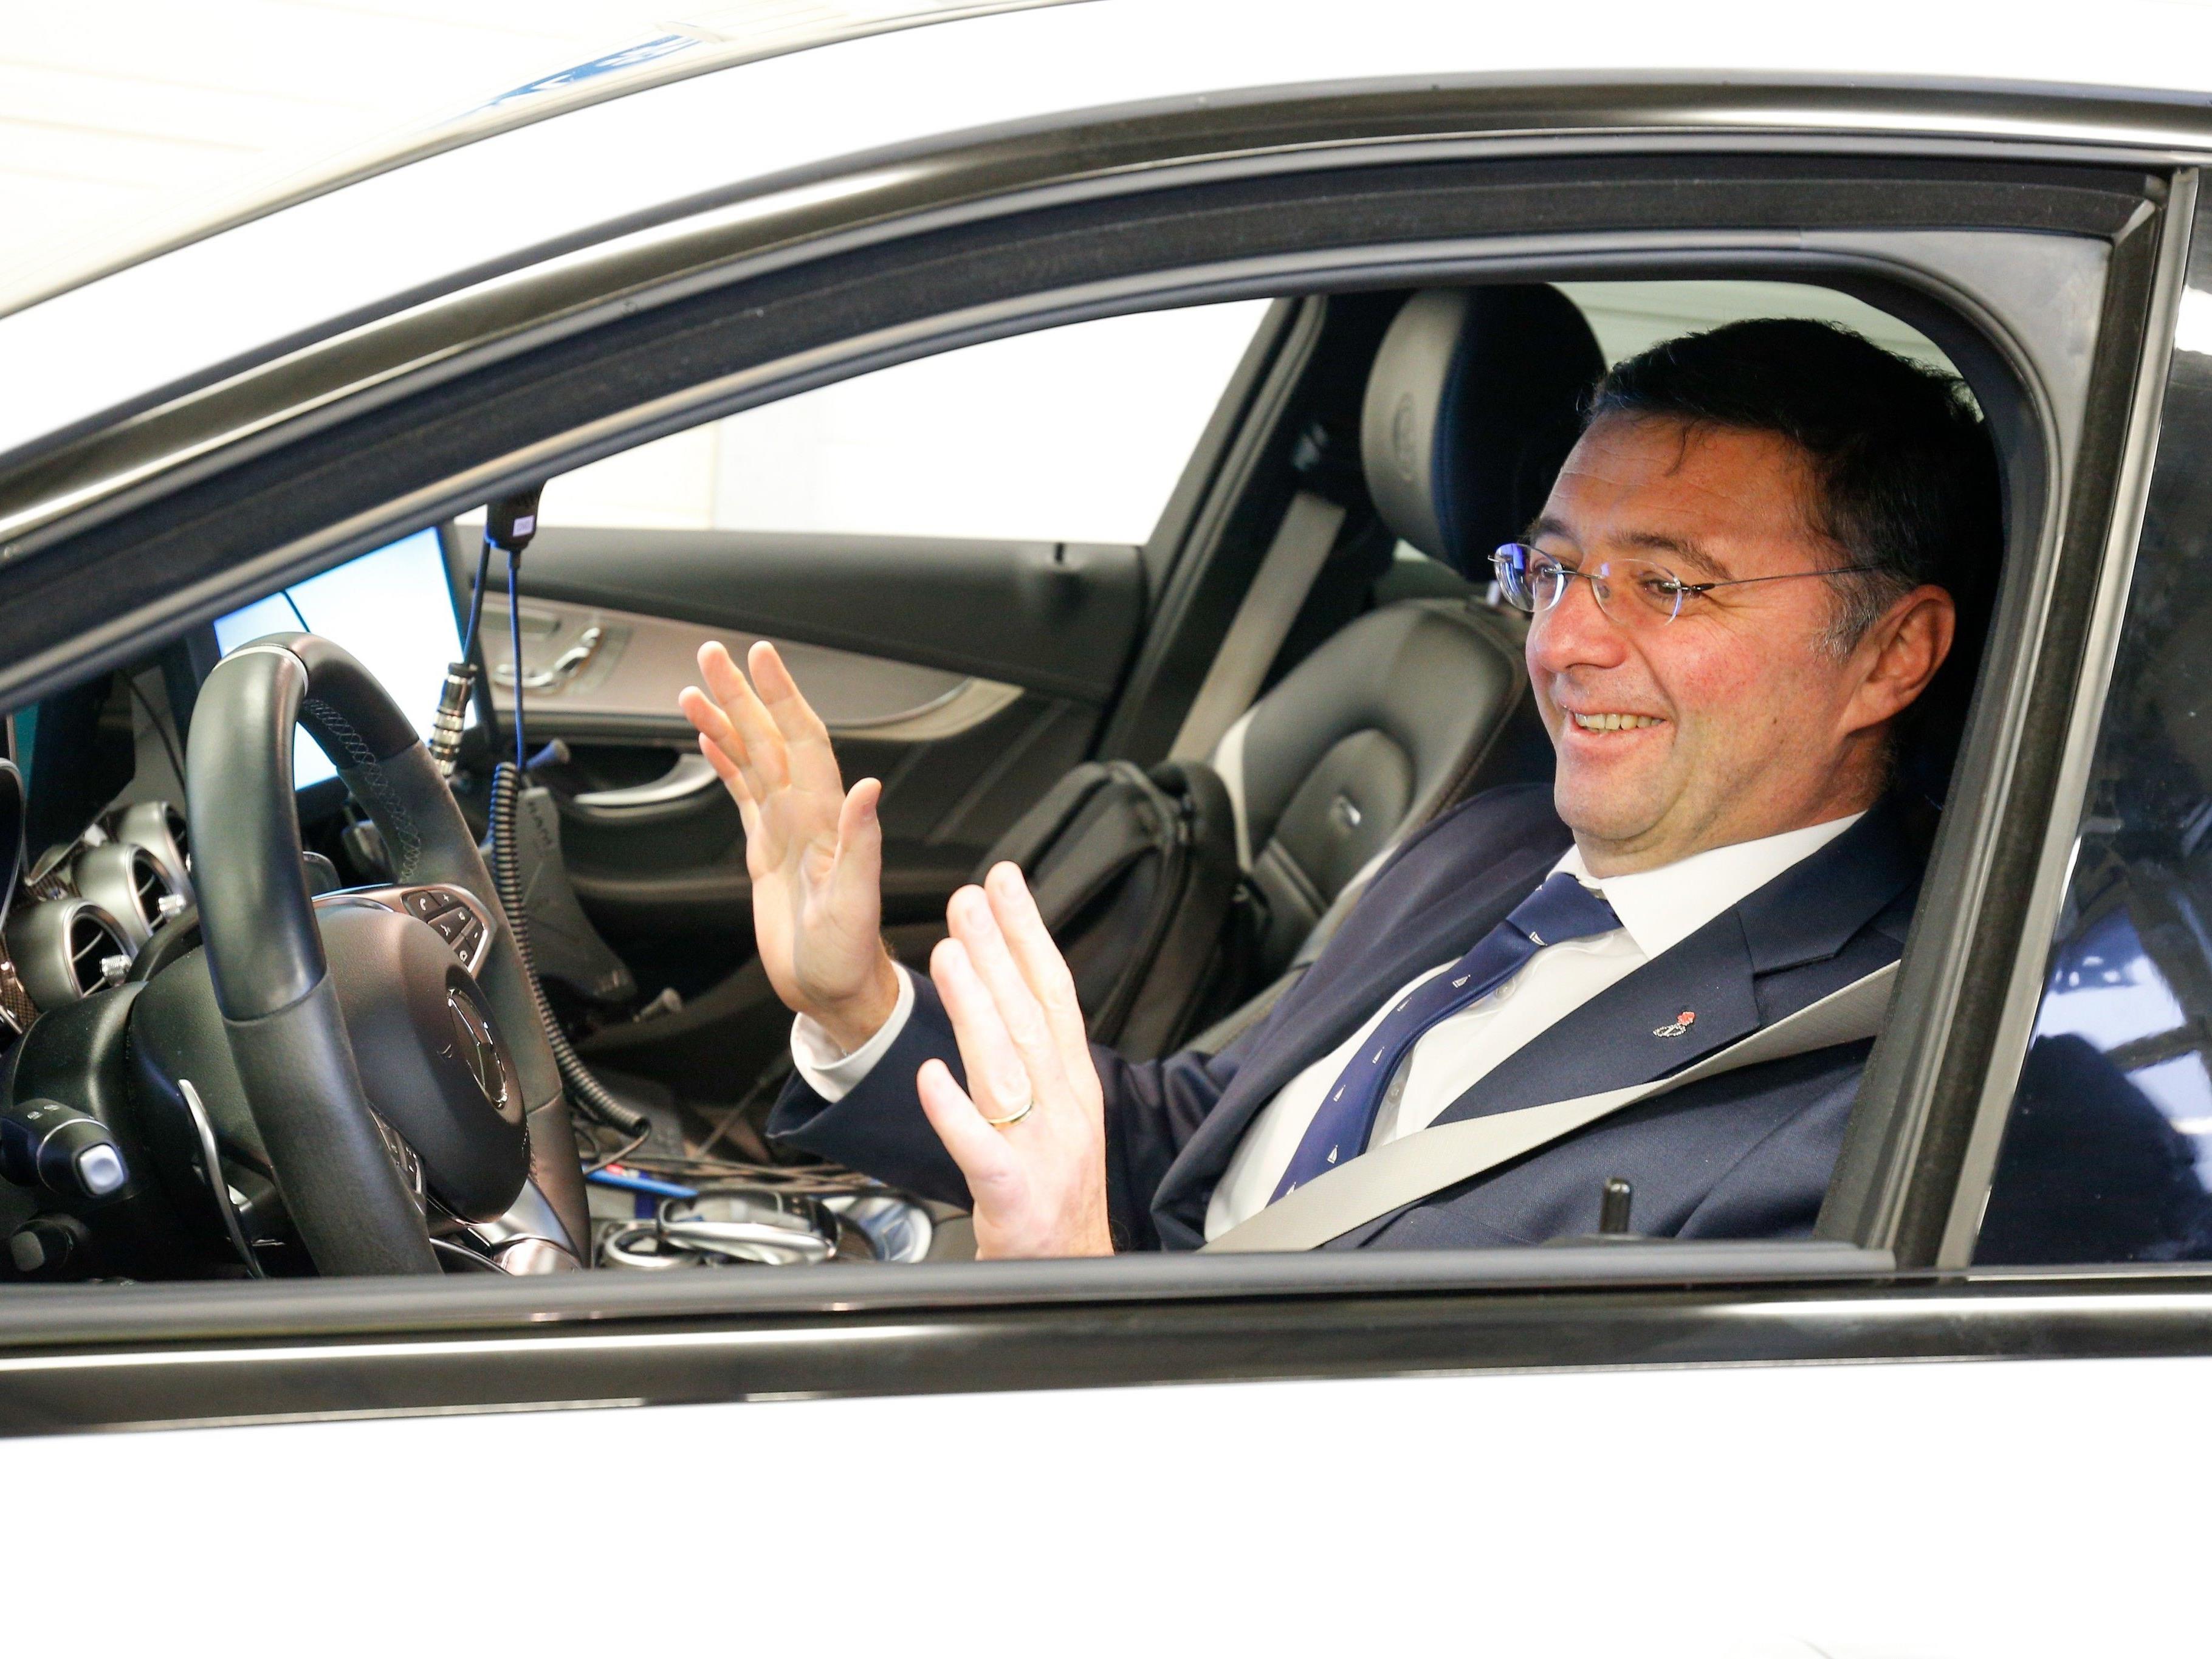 Verkehrsminister Jörg Leichtfried (SPÖ) setz auf dem Weg zur abgeasfreien Mobilität auf Anreize statt auf Verbote.